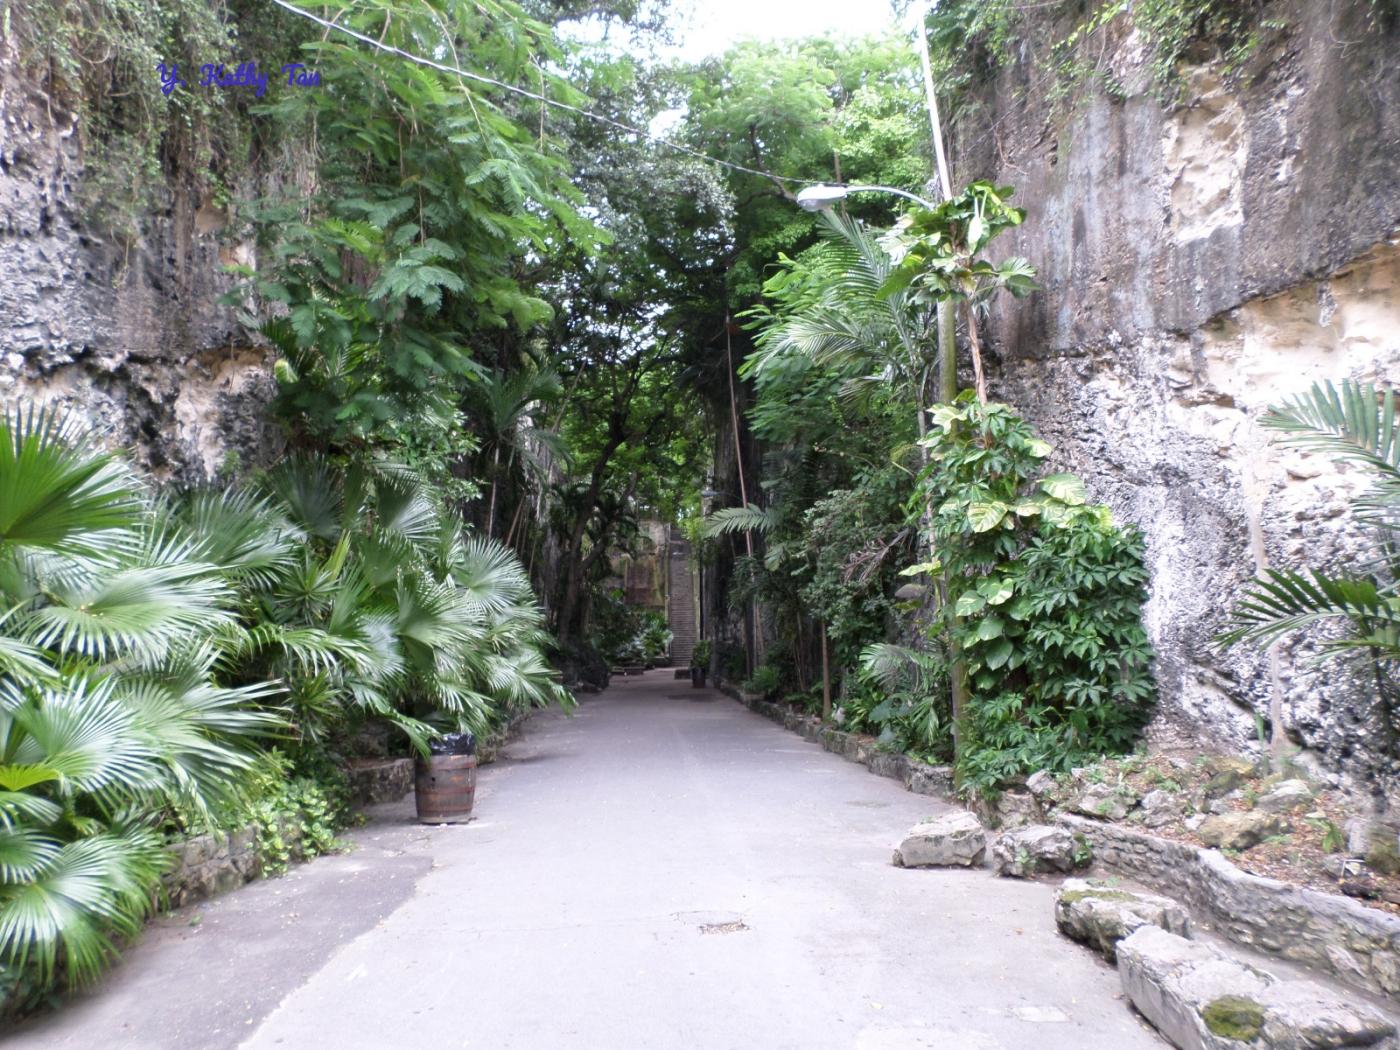 神秘加勒比海南国小镇_图1-13